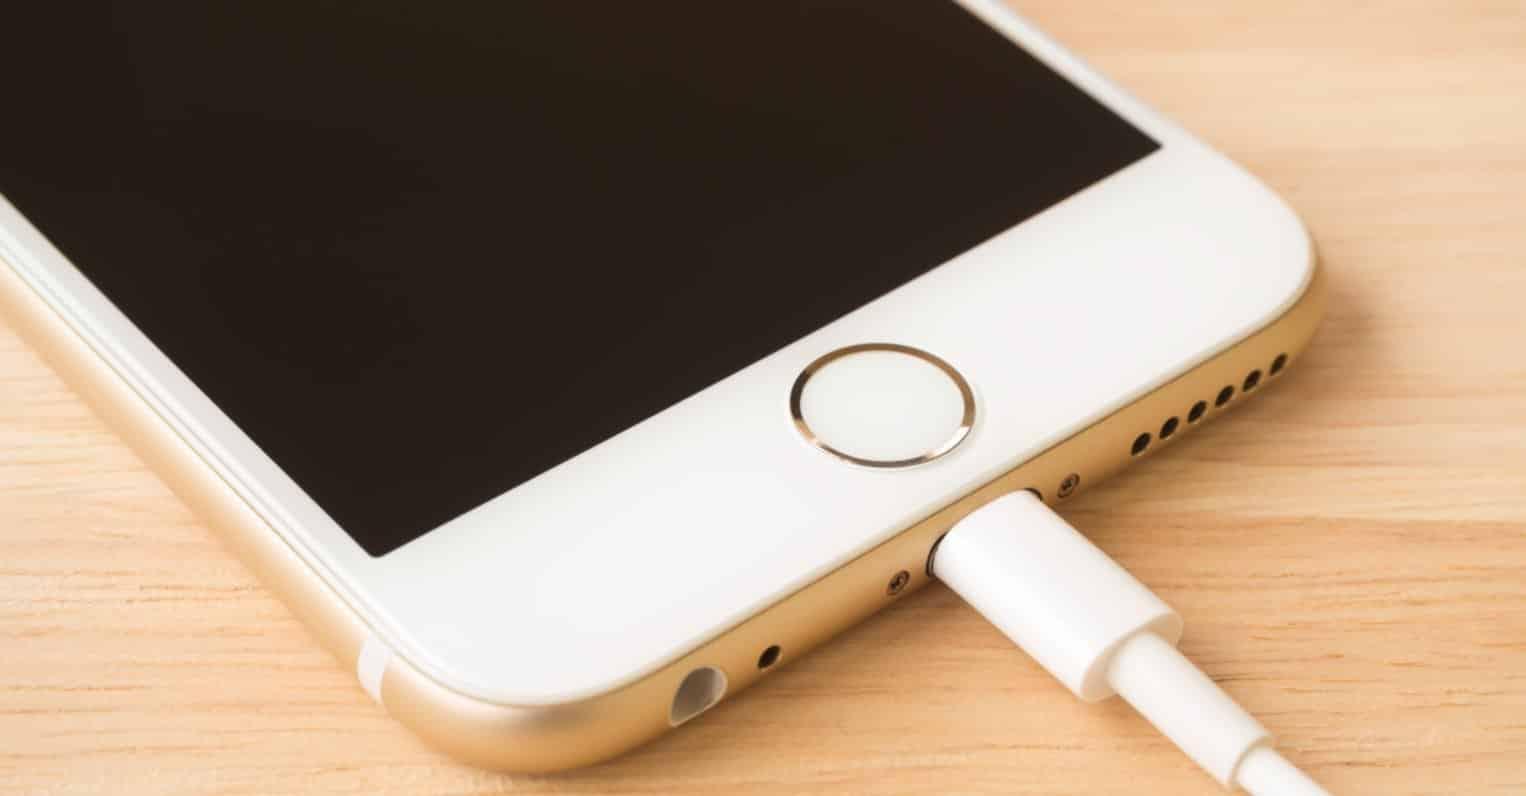 12 sai lầm cực lớn khi sạc khiến pin iPhone của bạn nhanh hỏng và gây nguy  hiểm - Minh Tuấn Mobile